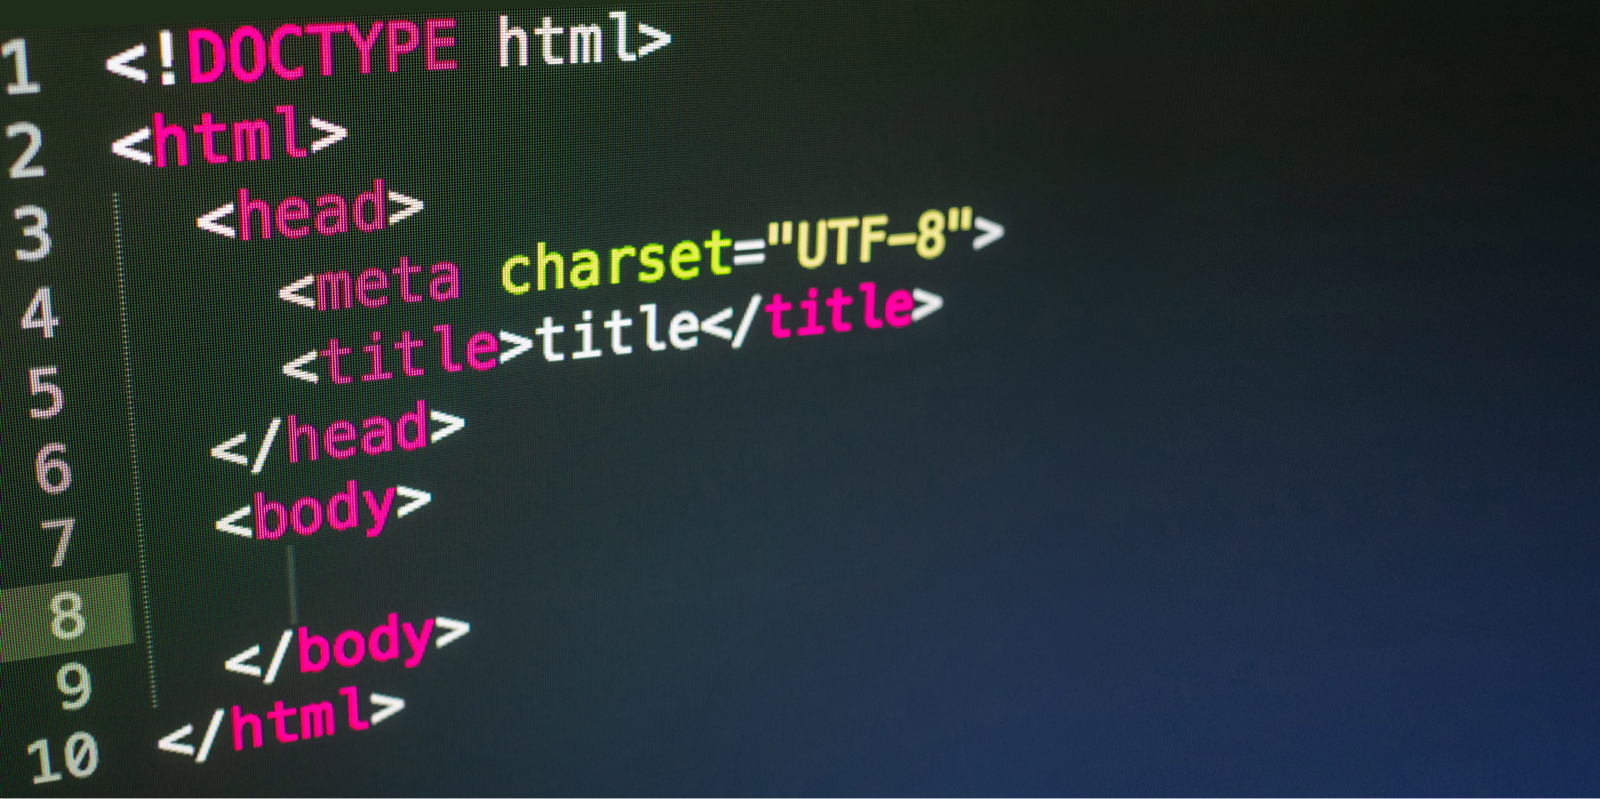 HTMLコードがクローズアップされている様子